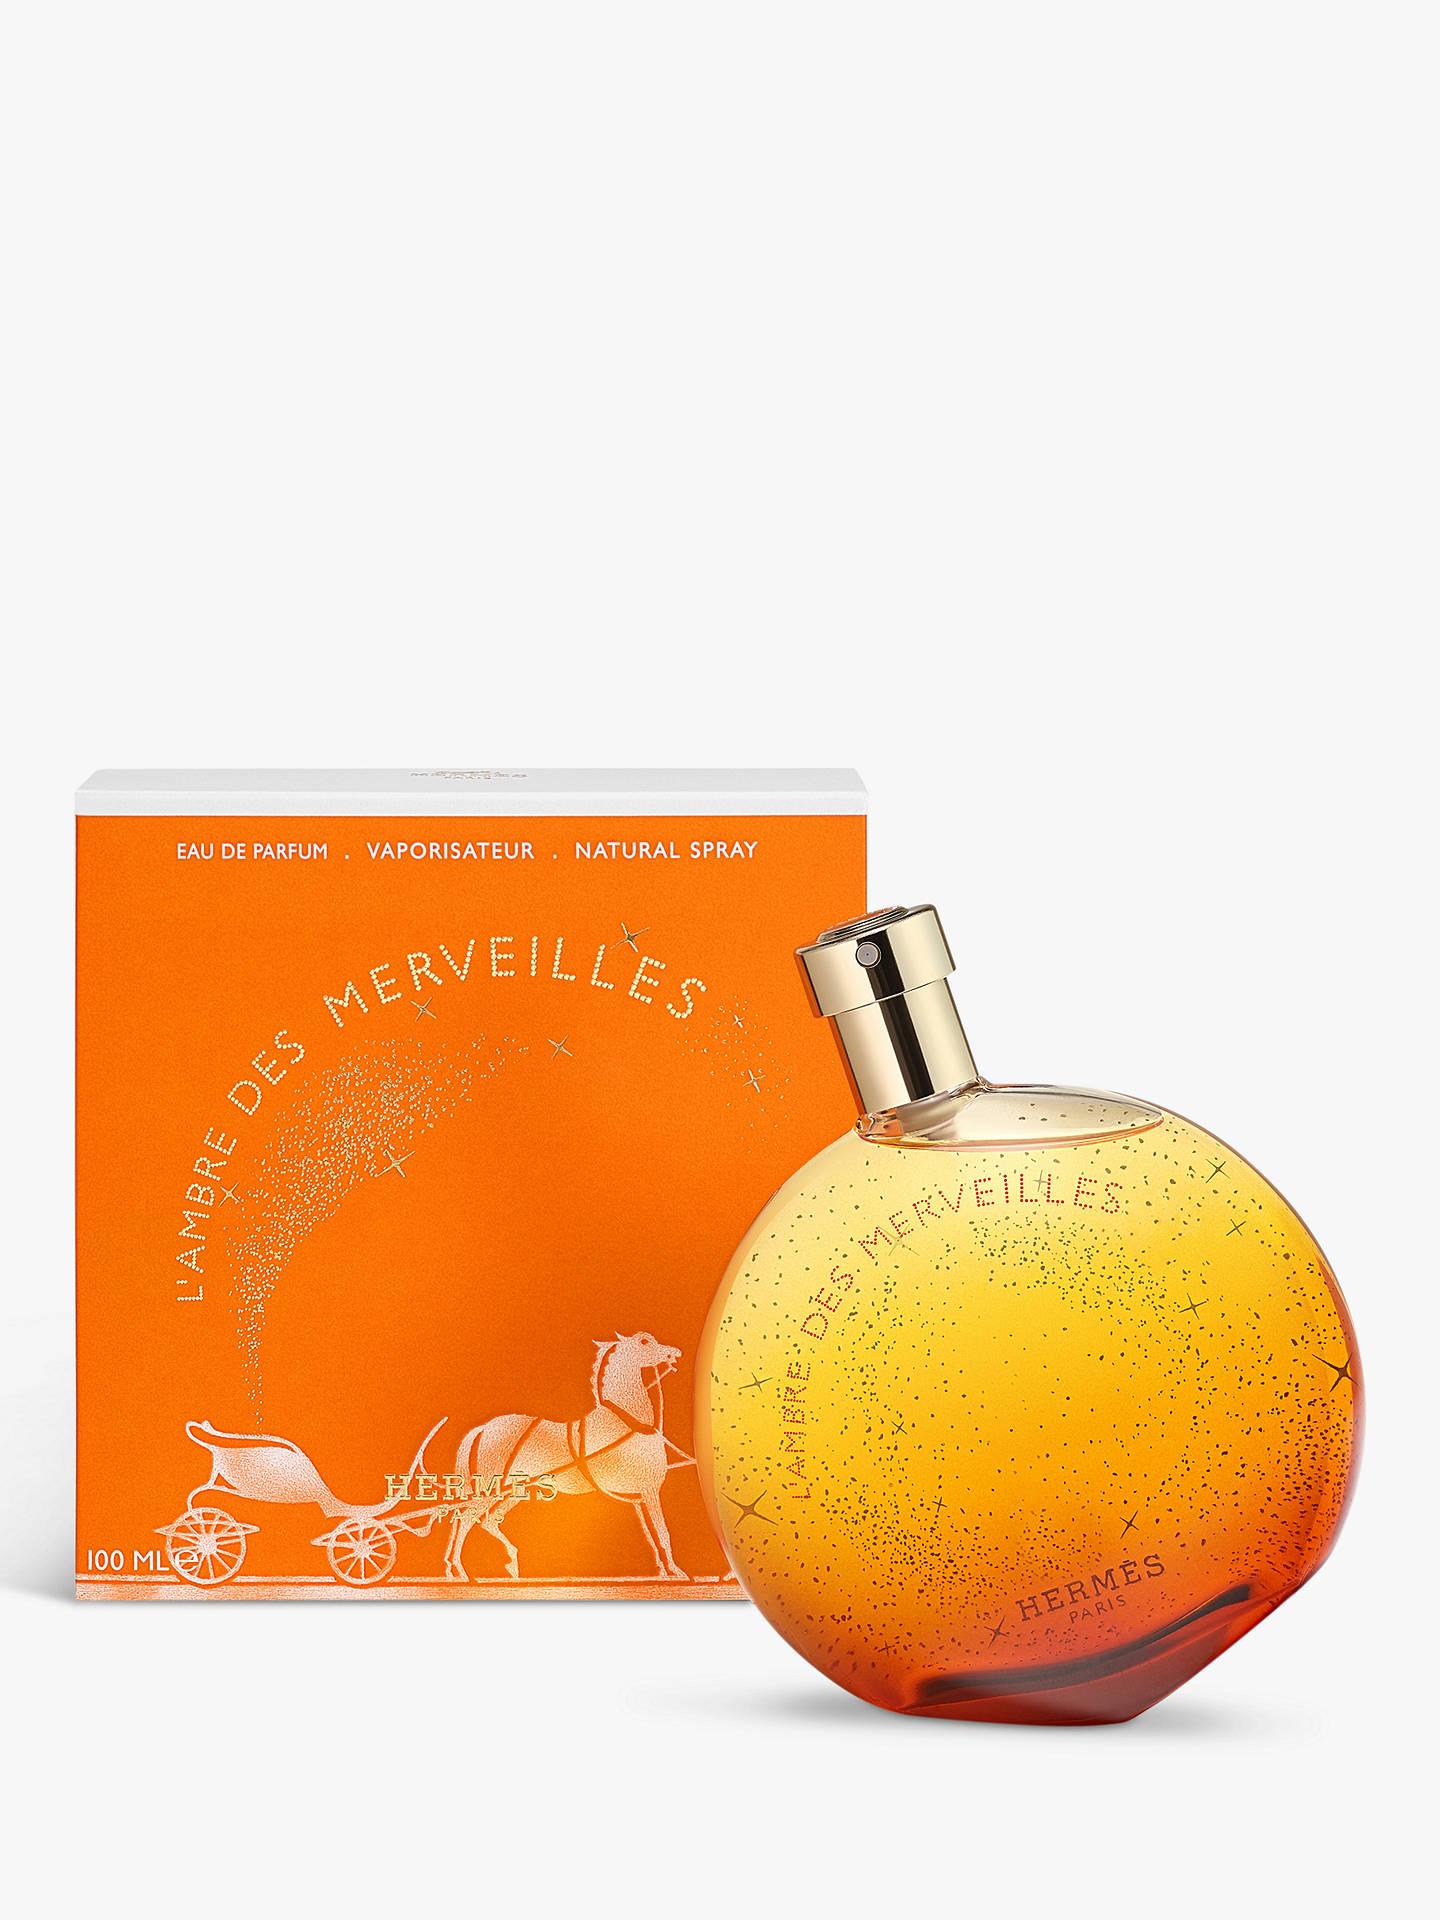 Hermès Lambre Des Merveilles Eau De Parfum At John Lewis Partners